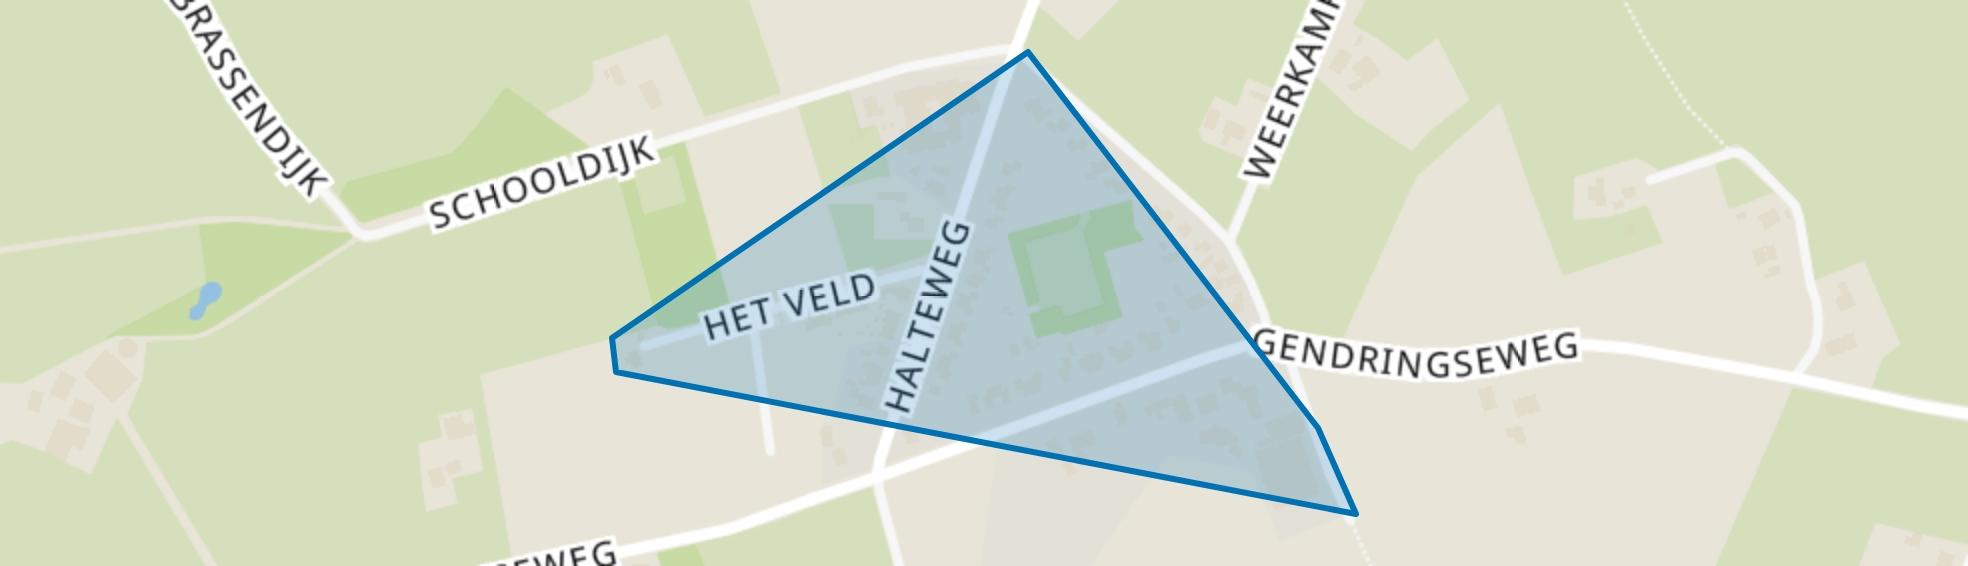 Lintelo-kern, Aalten map